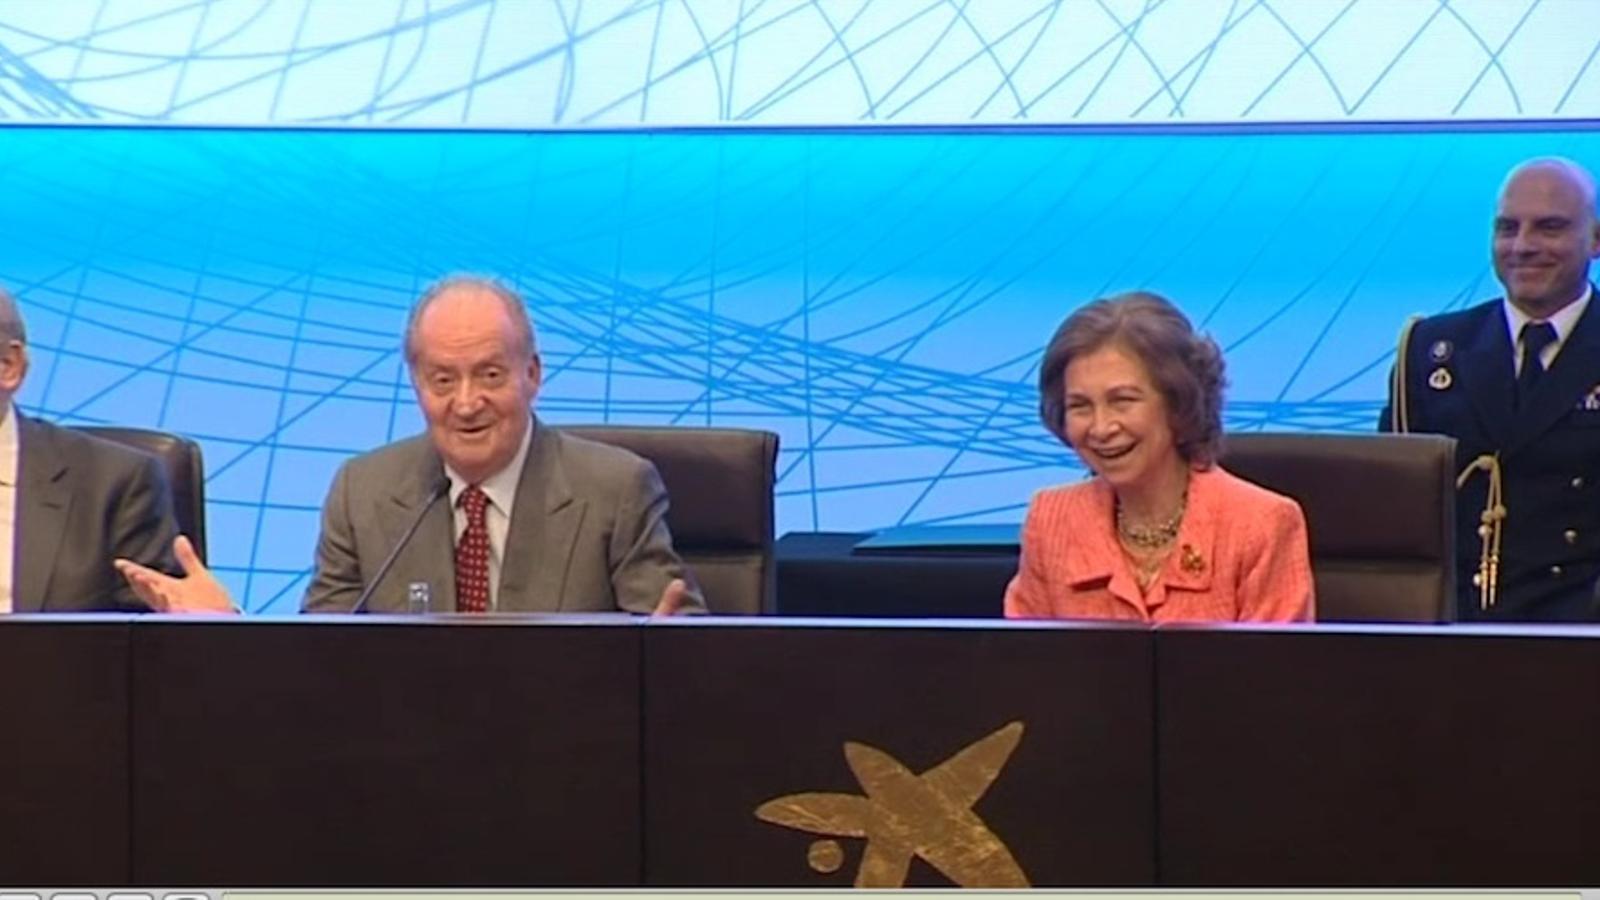 Joan Carles de Borbó a Sofia, en un acte públic: Deixa'm parlar un moment!